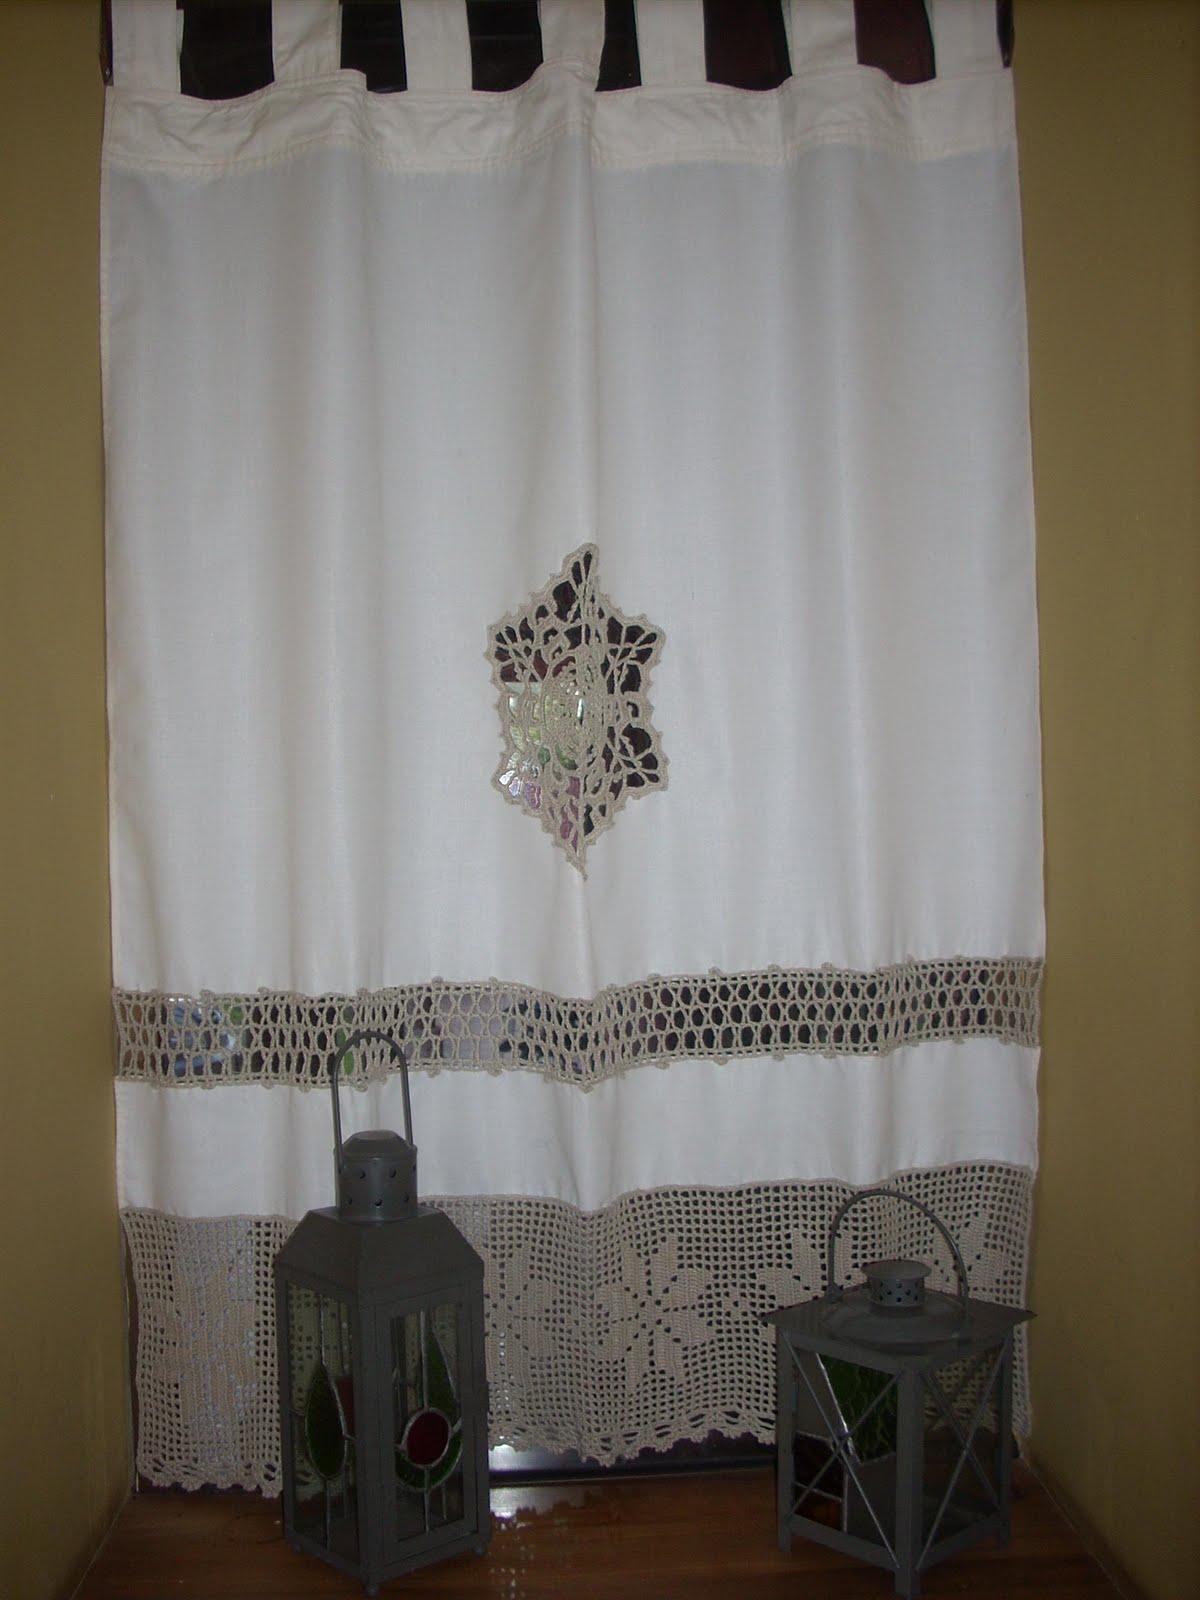 Cortinas De Baño Tela:una ventana fija de mi casa queda frente a uno de los baños y mis